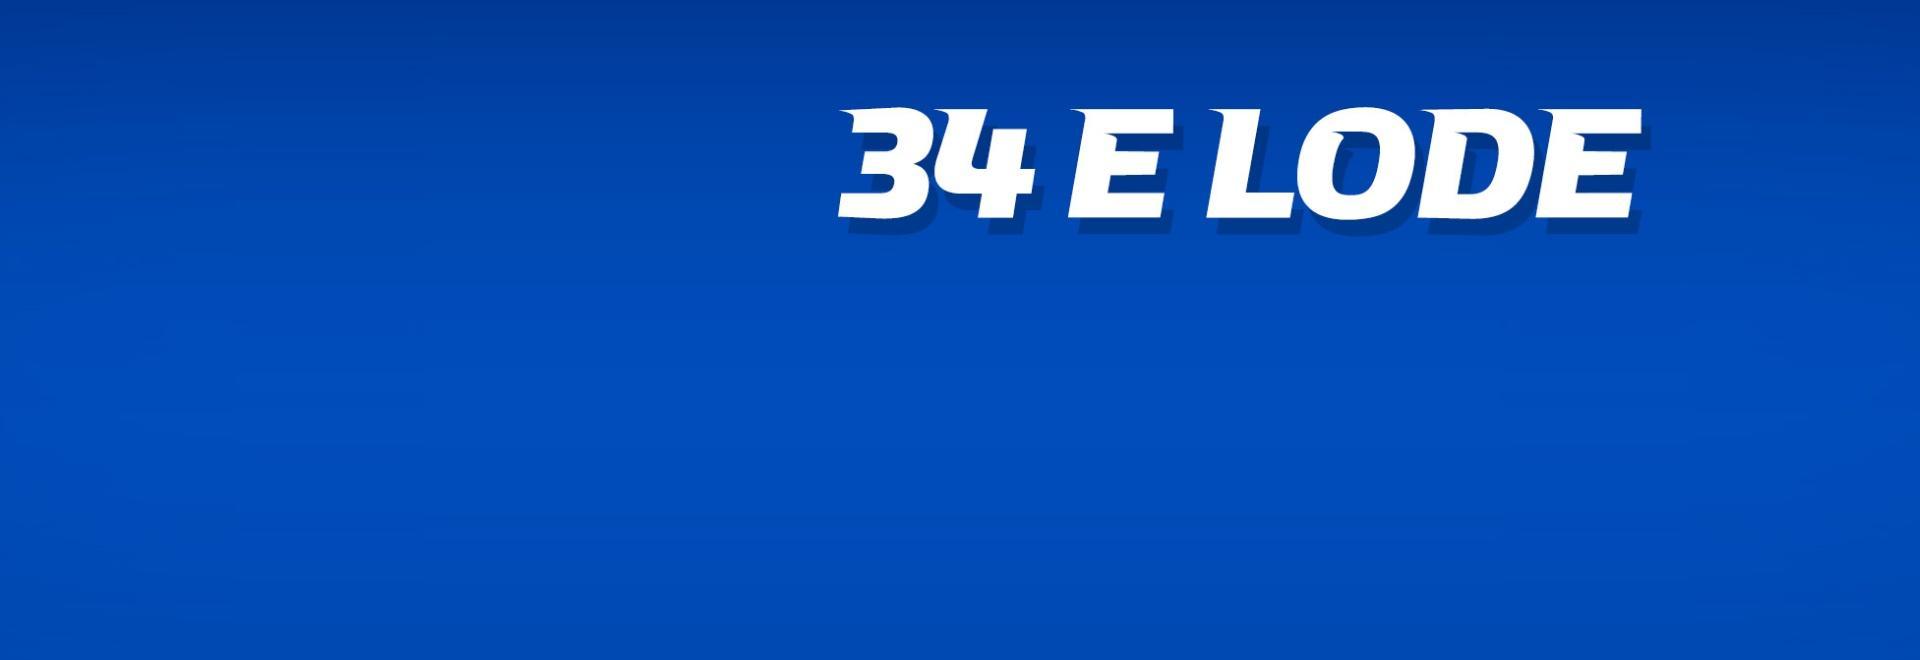 34 e lode